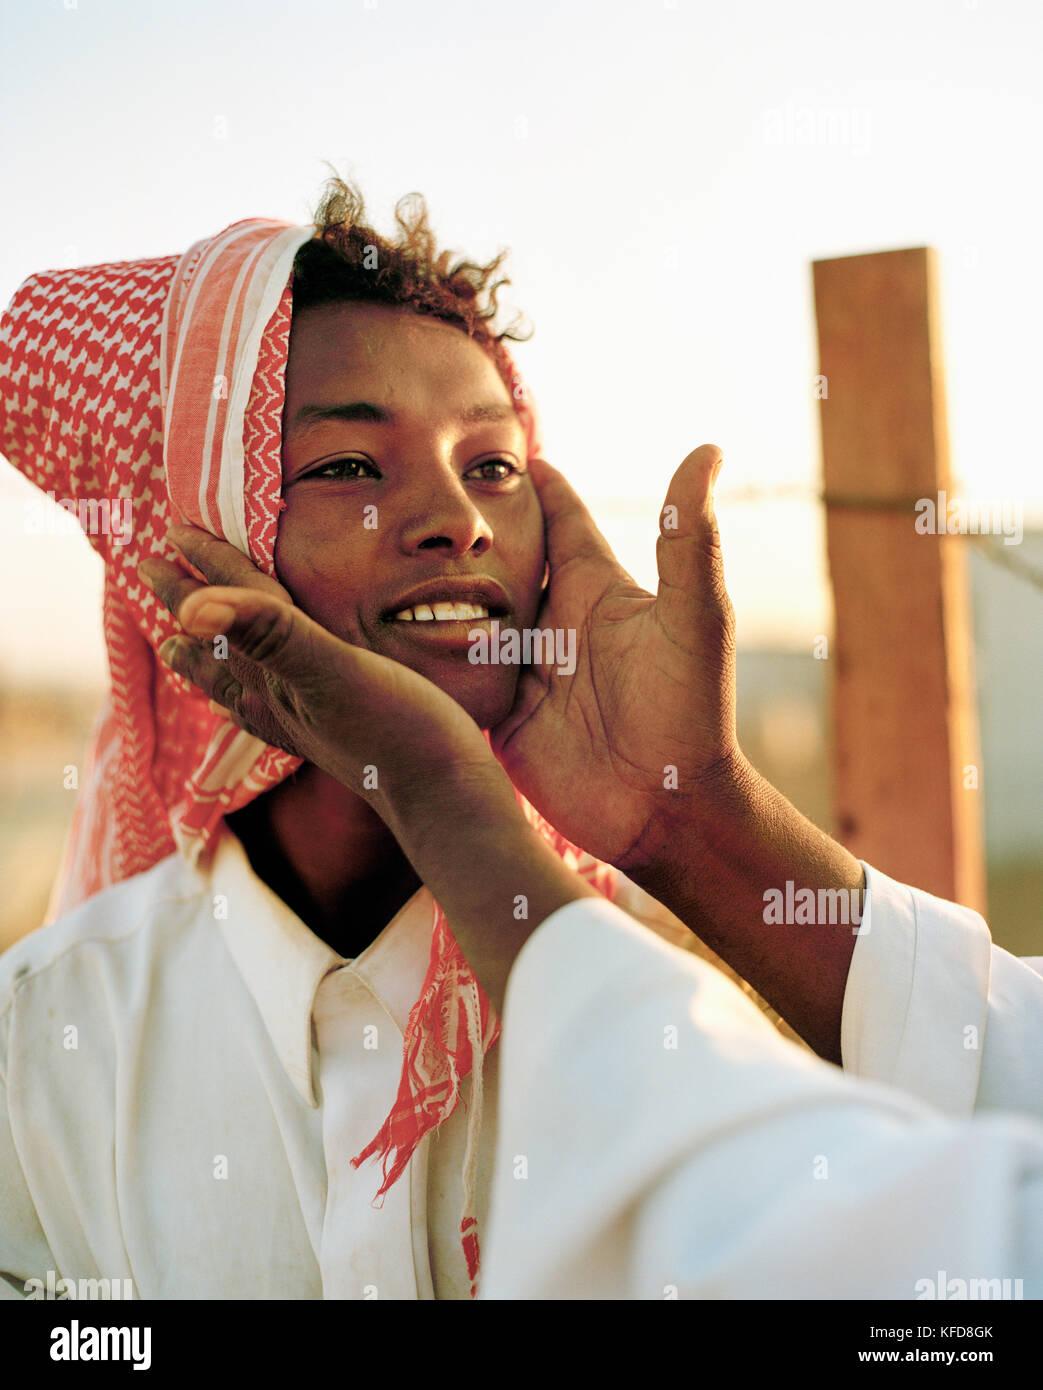 SAUDI ARABIA, Riyadh, a teenage boy works at a camel market in the desert outside of Riyadh - Stock Image